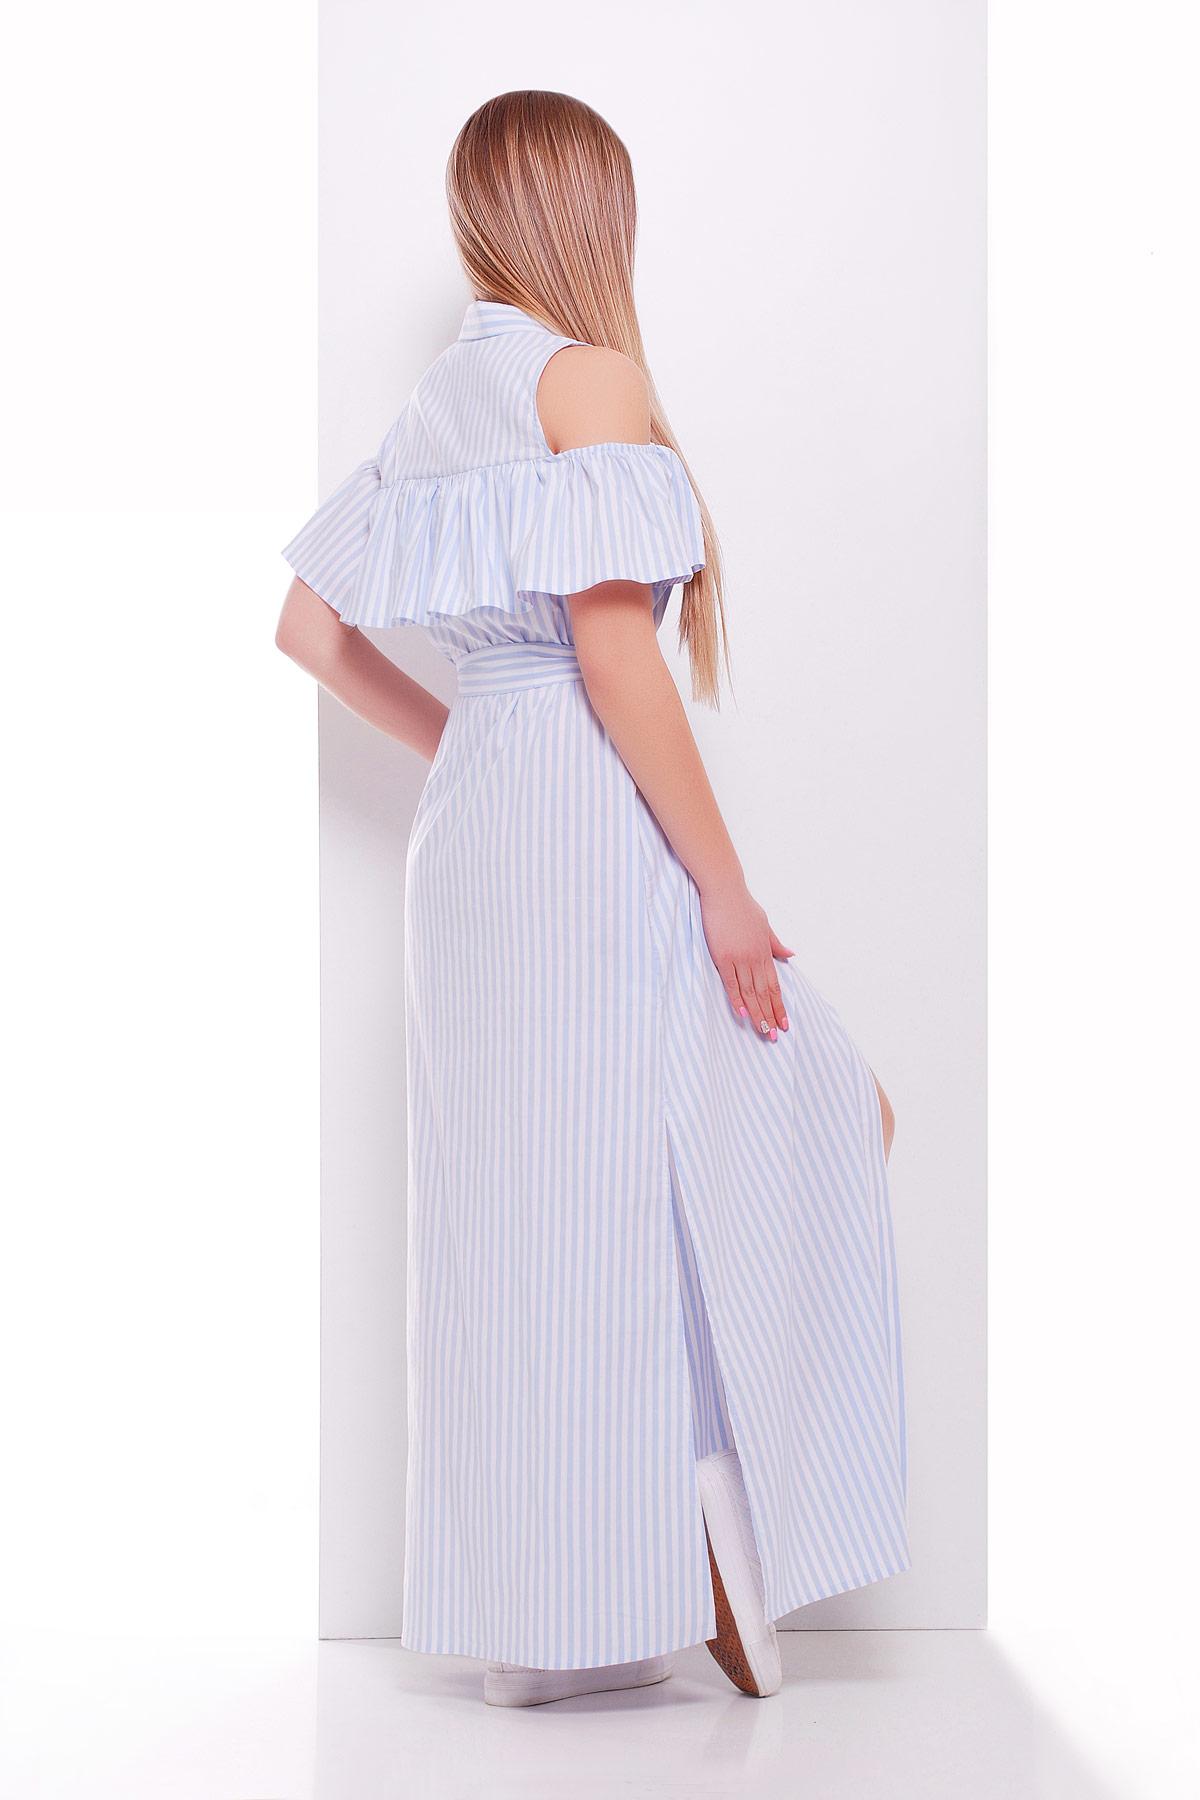 a96cb970fd2 летнее платье в полоску. платье Лаванья б р. Цвет  голубая полоска купить  ...